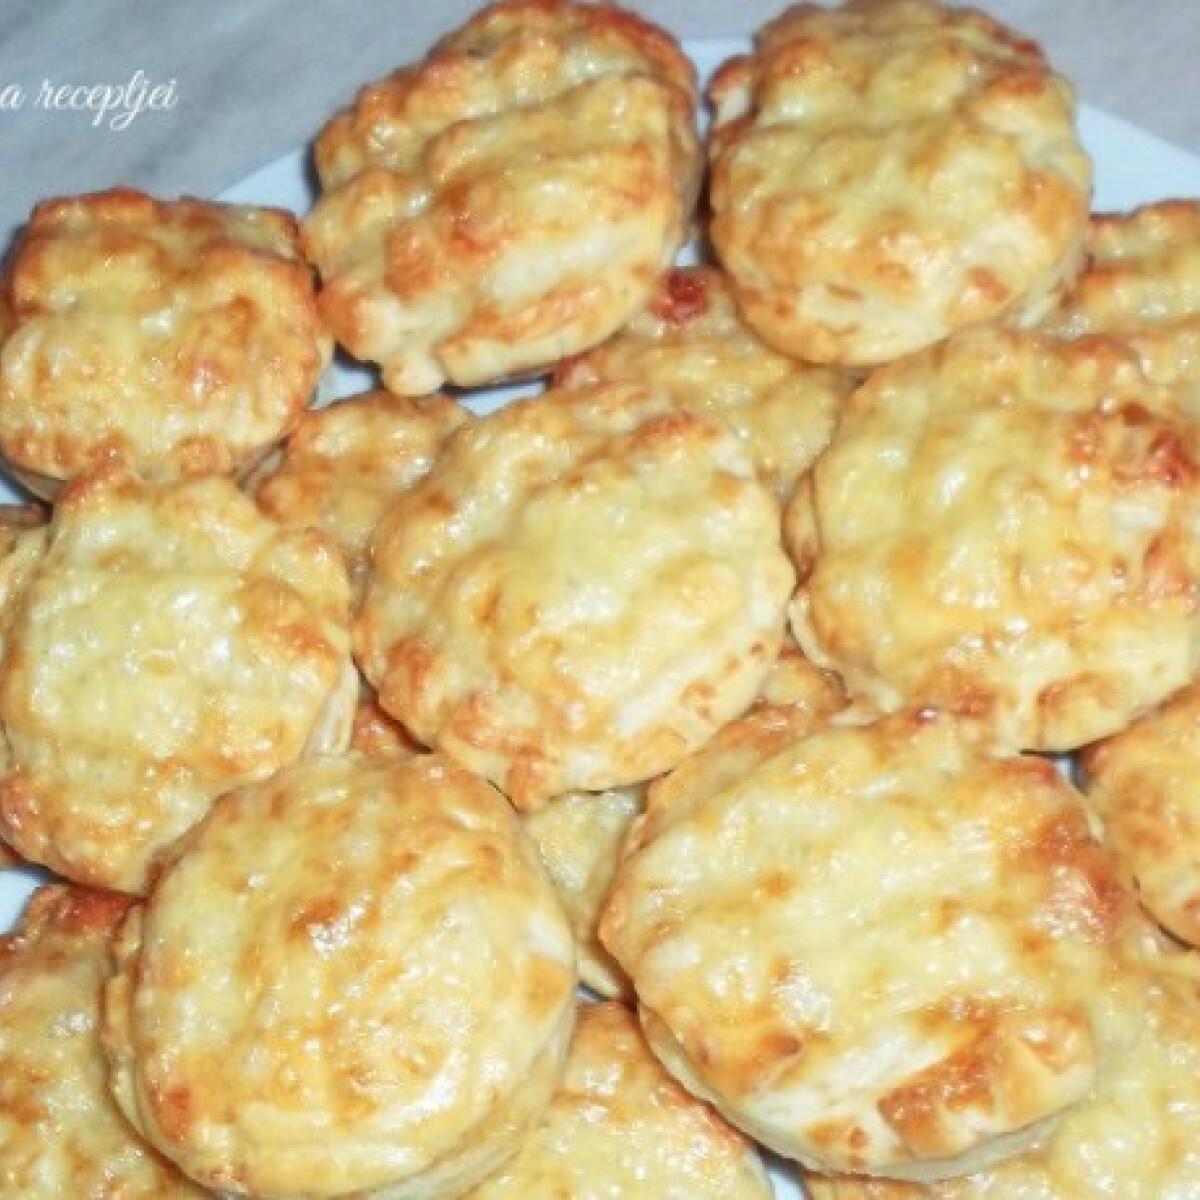 Sajtos-joghurtos pogácsa Nagymama konyhájából